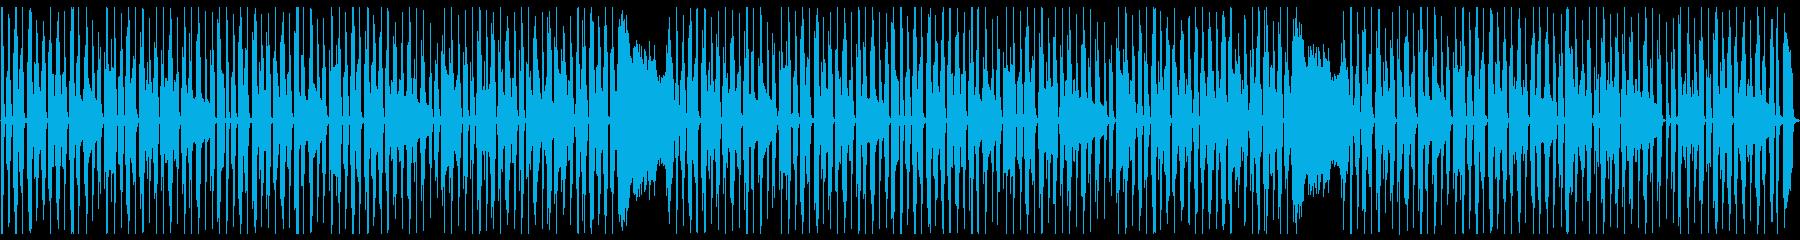 ぐうたらする時に流れている曲の再生済みの波形